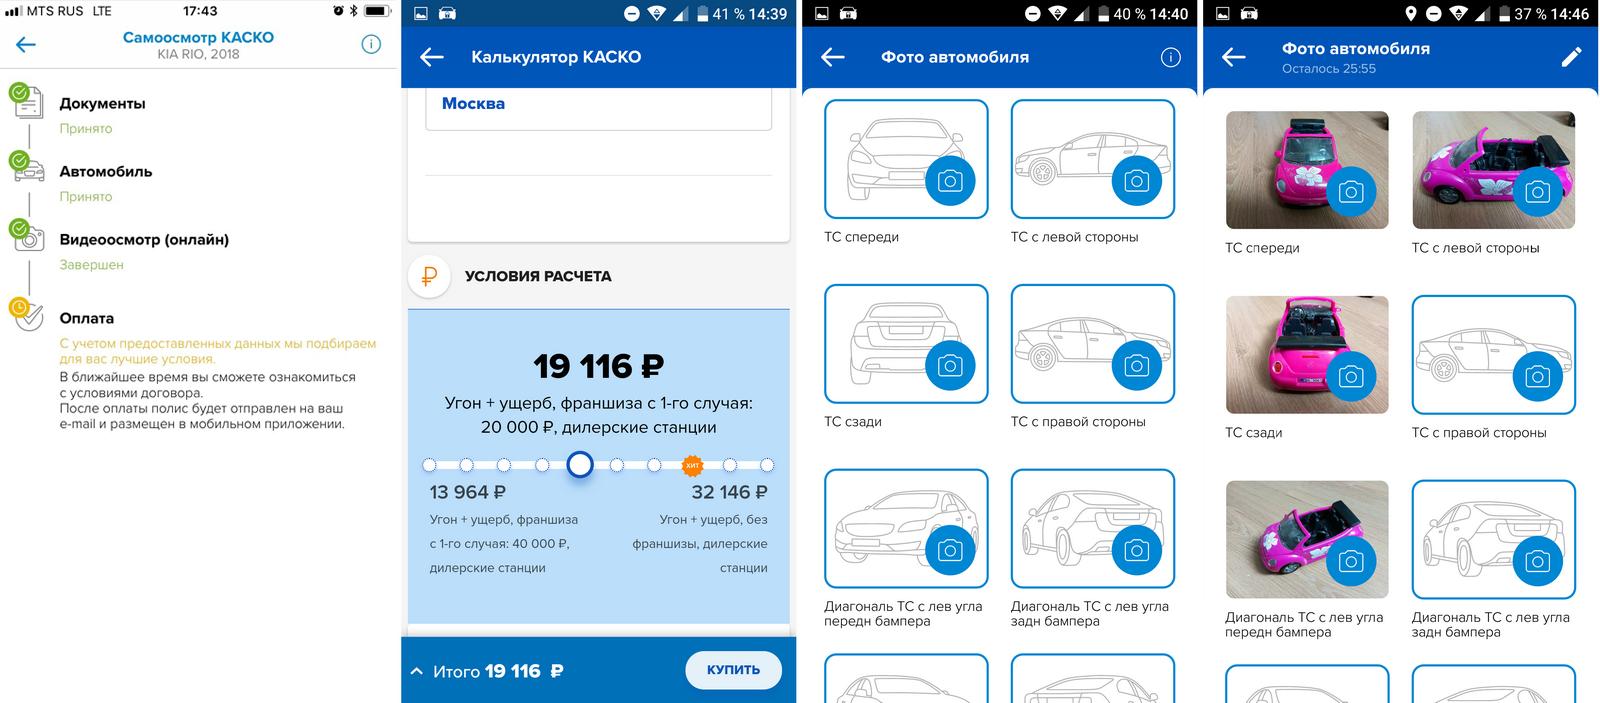 приложение IngoMobile